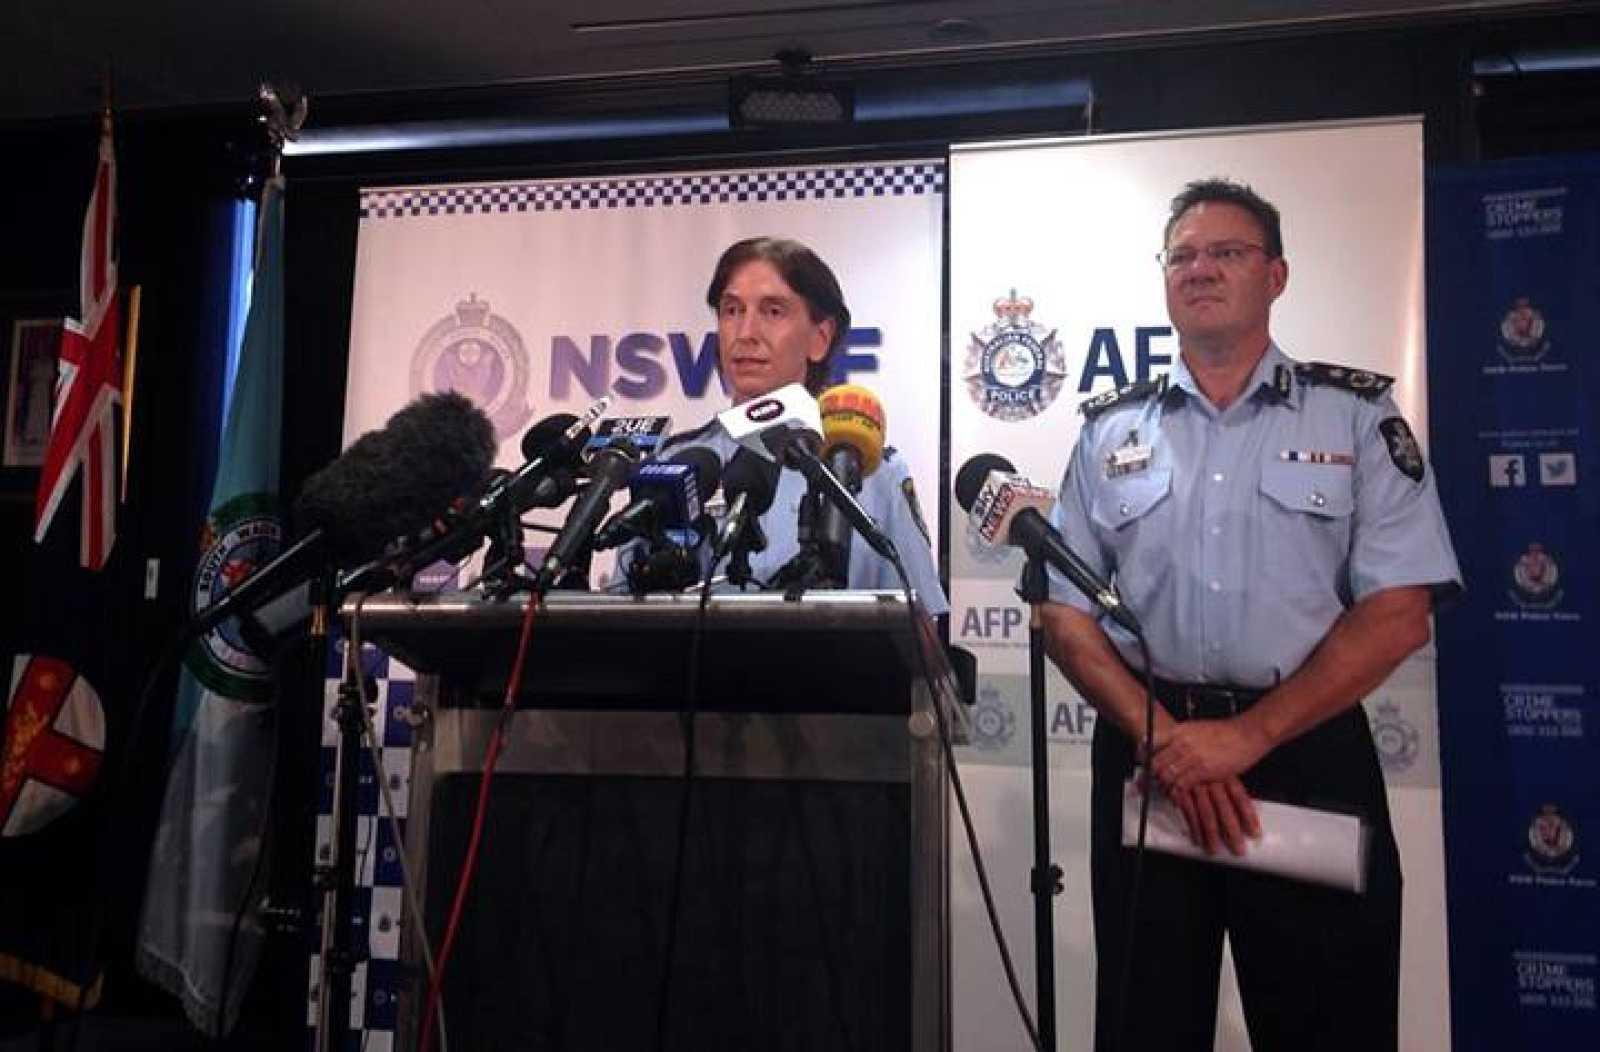 El vicecomisionado de la Policía Federal Australiana, Michael Phelanuth , escucha a su homóloga en Nueva Gales del Sur, Catherine Burn, en una rueda de prensa sobre las detenciones en Sidney.